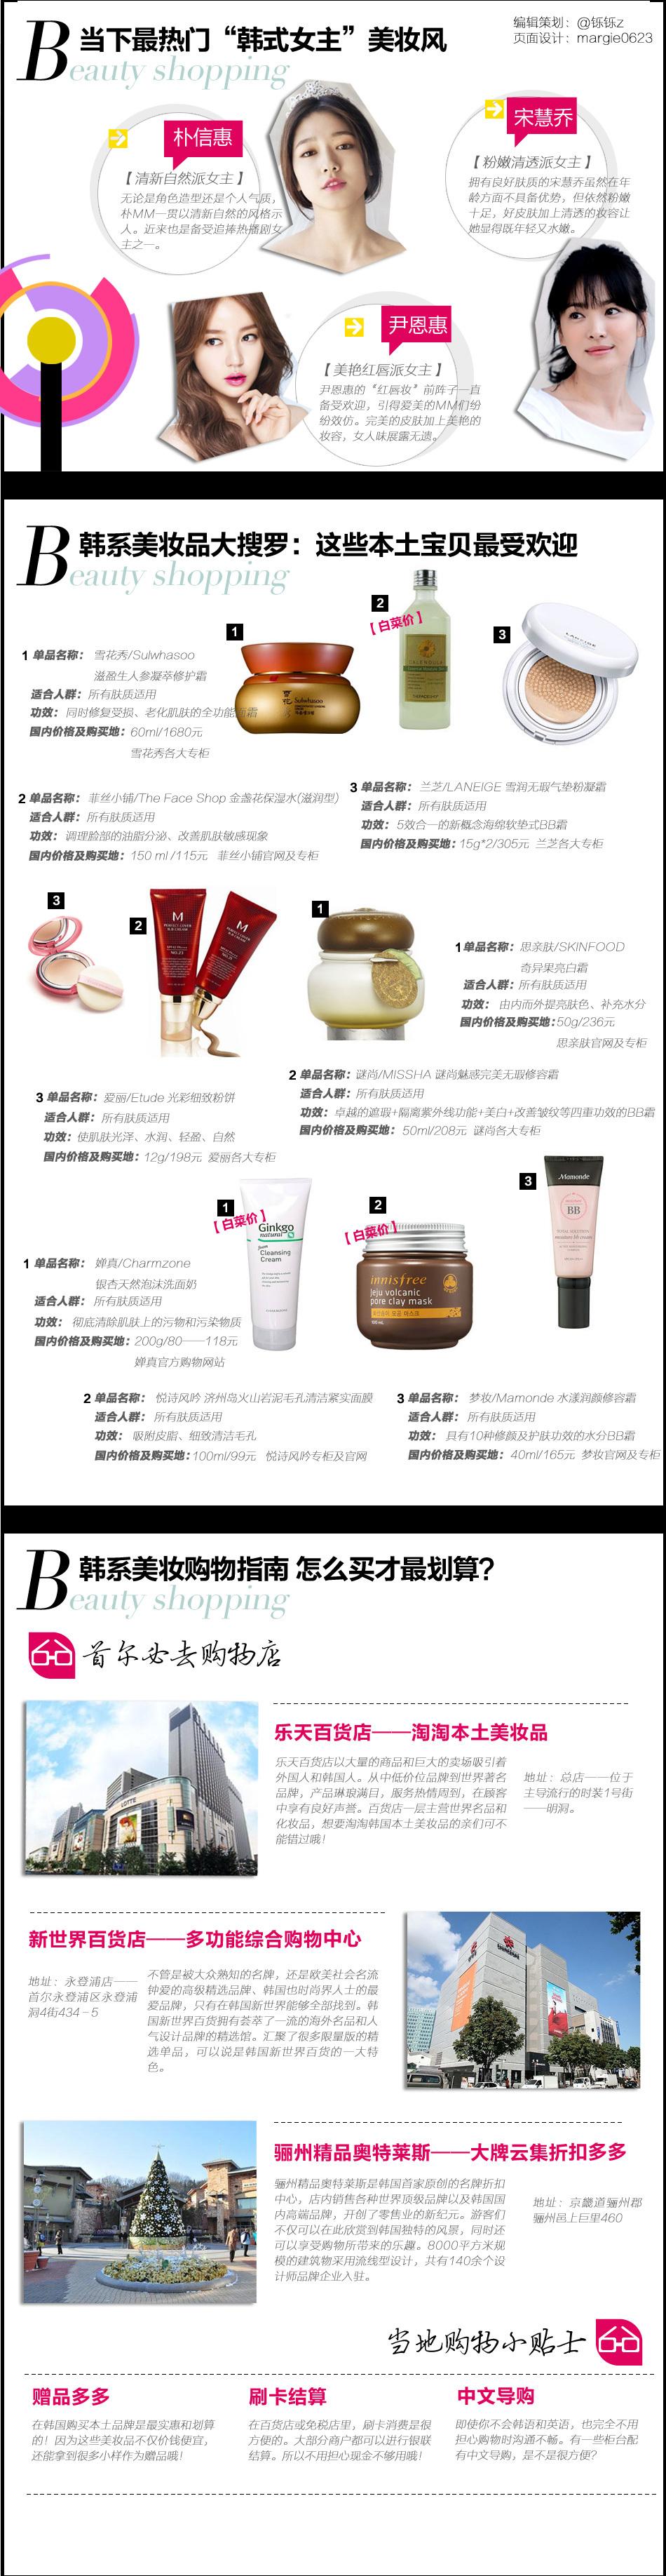 玩转美貌style 经典韩系美妆品购物指南_新浪时尚_新浪网